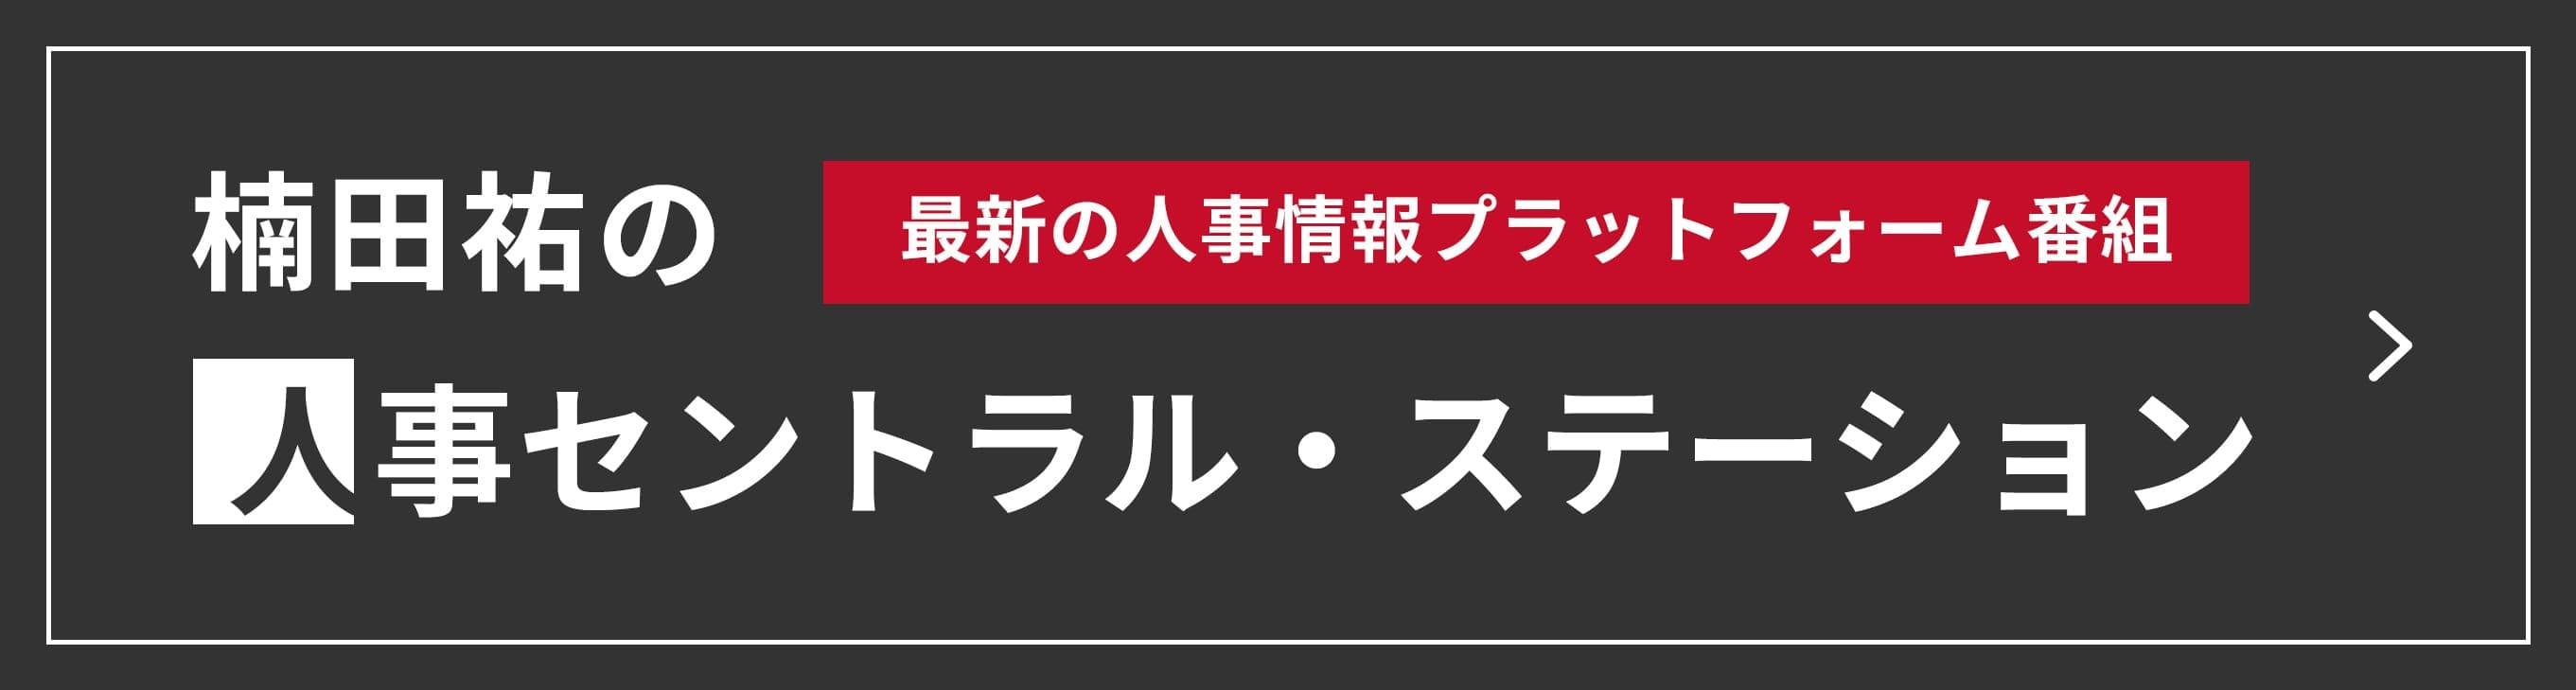 楠田 祐の人事セントラルステーション